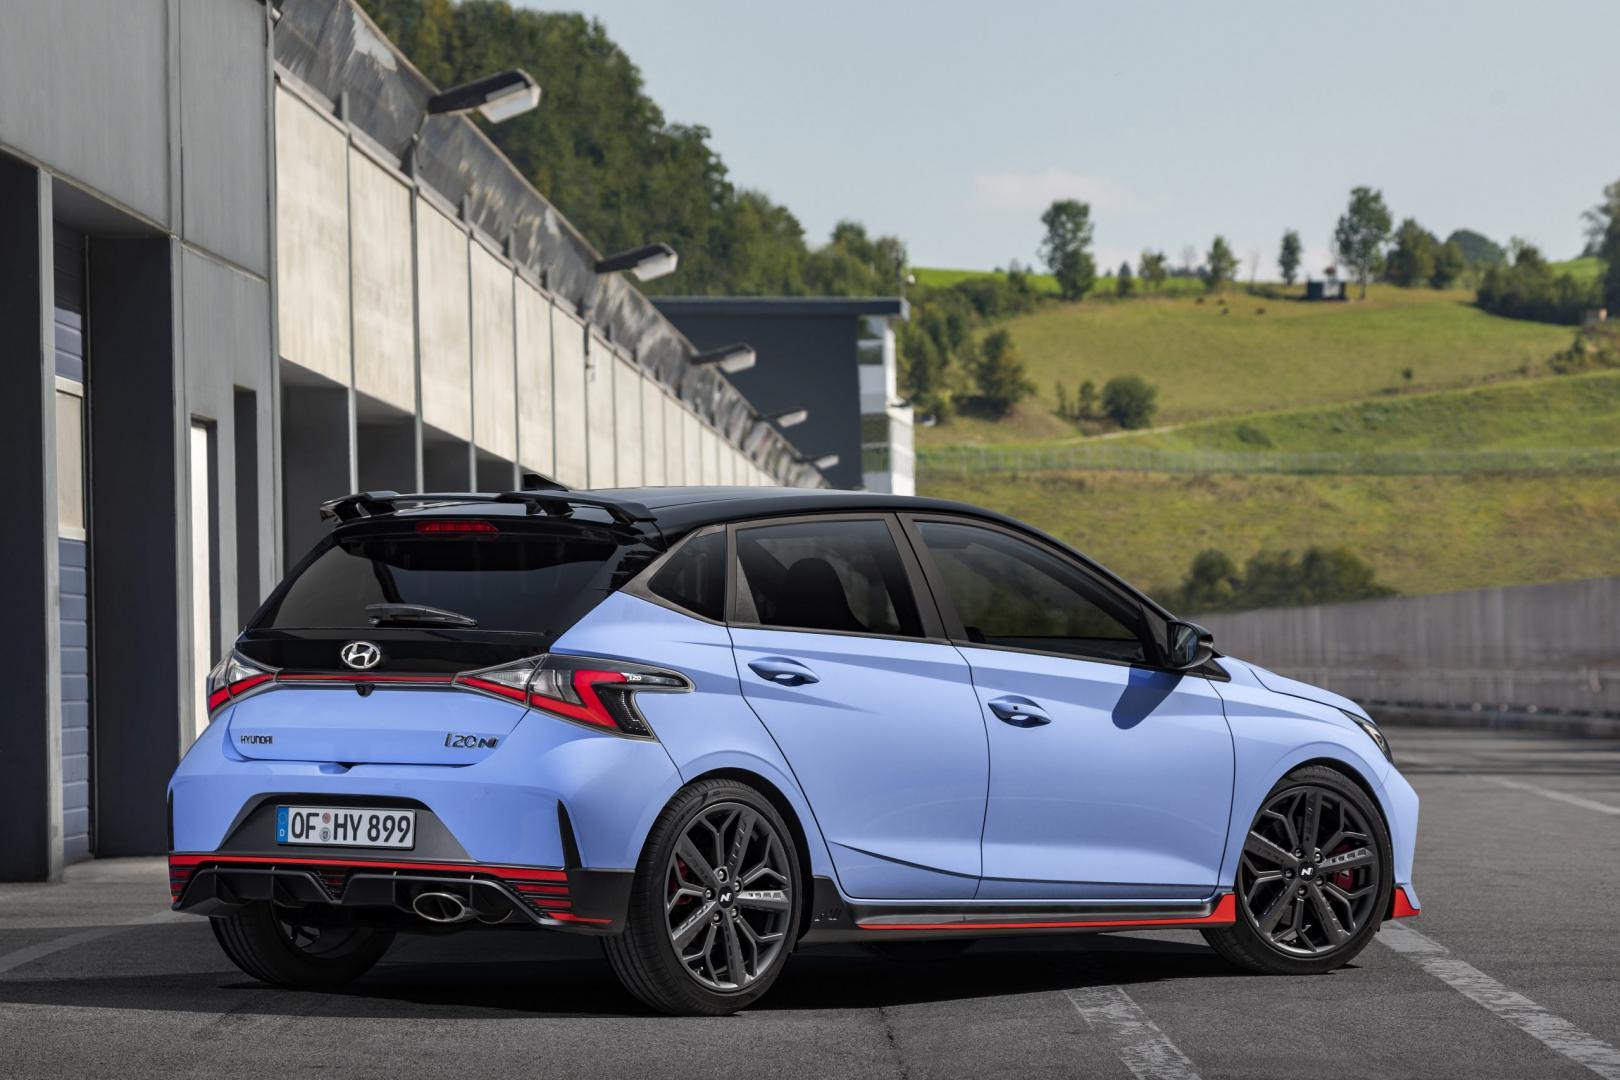 Achterkant Hyundai i20 n 2020